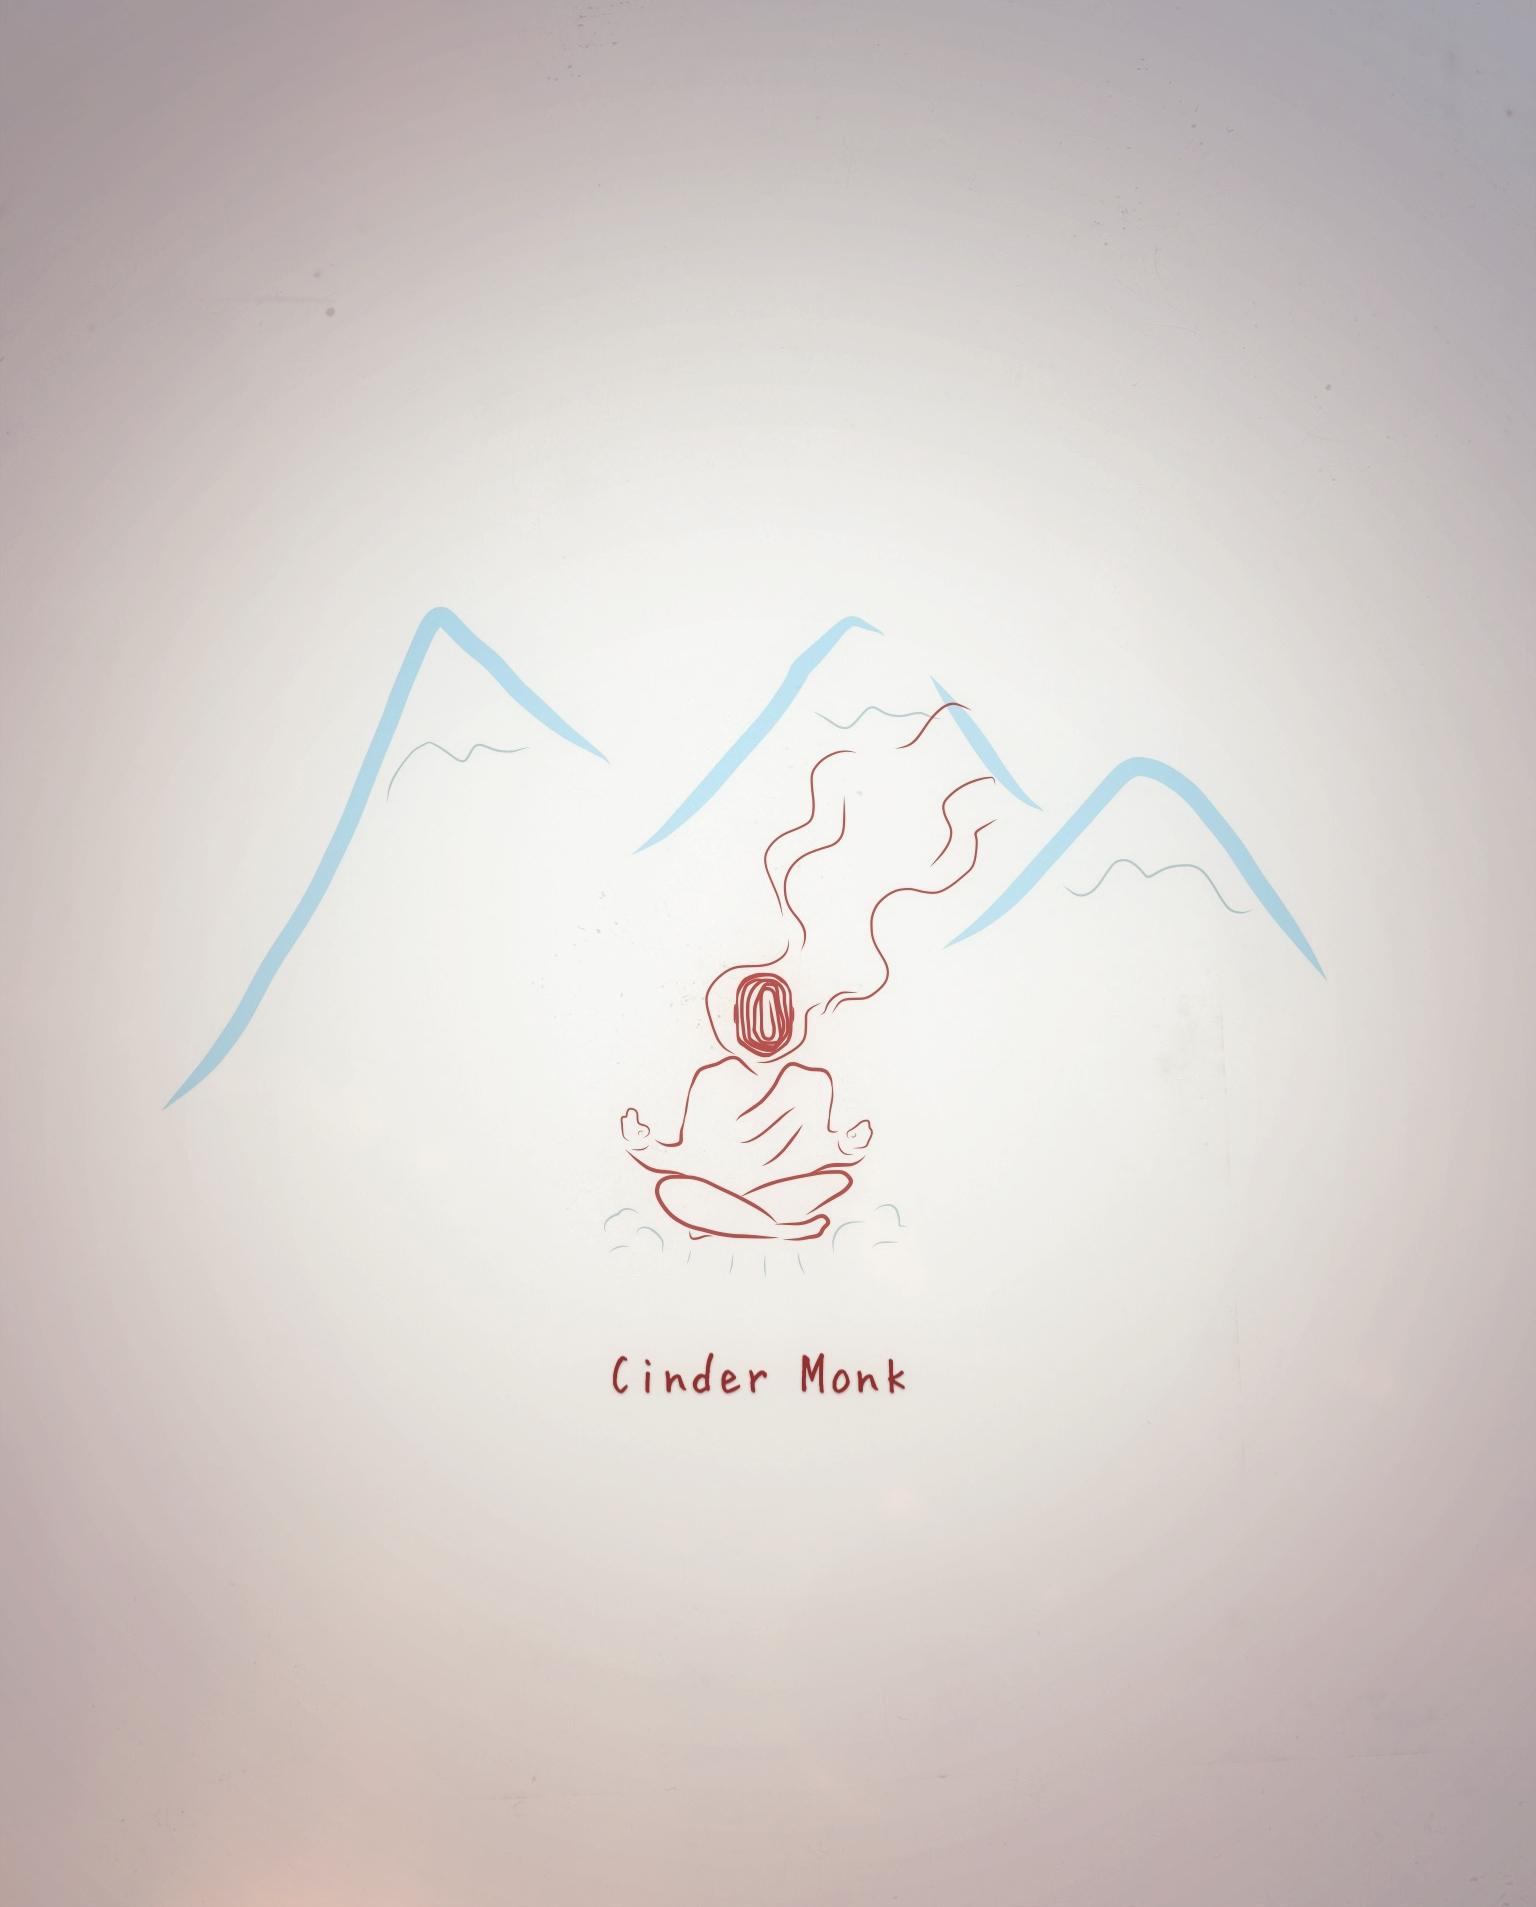 Cinder Monk